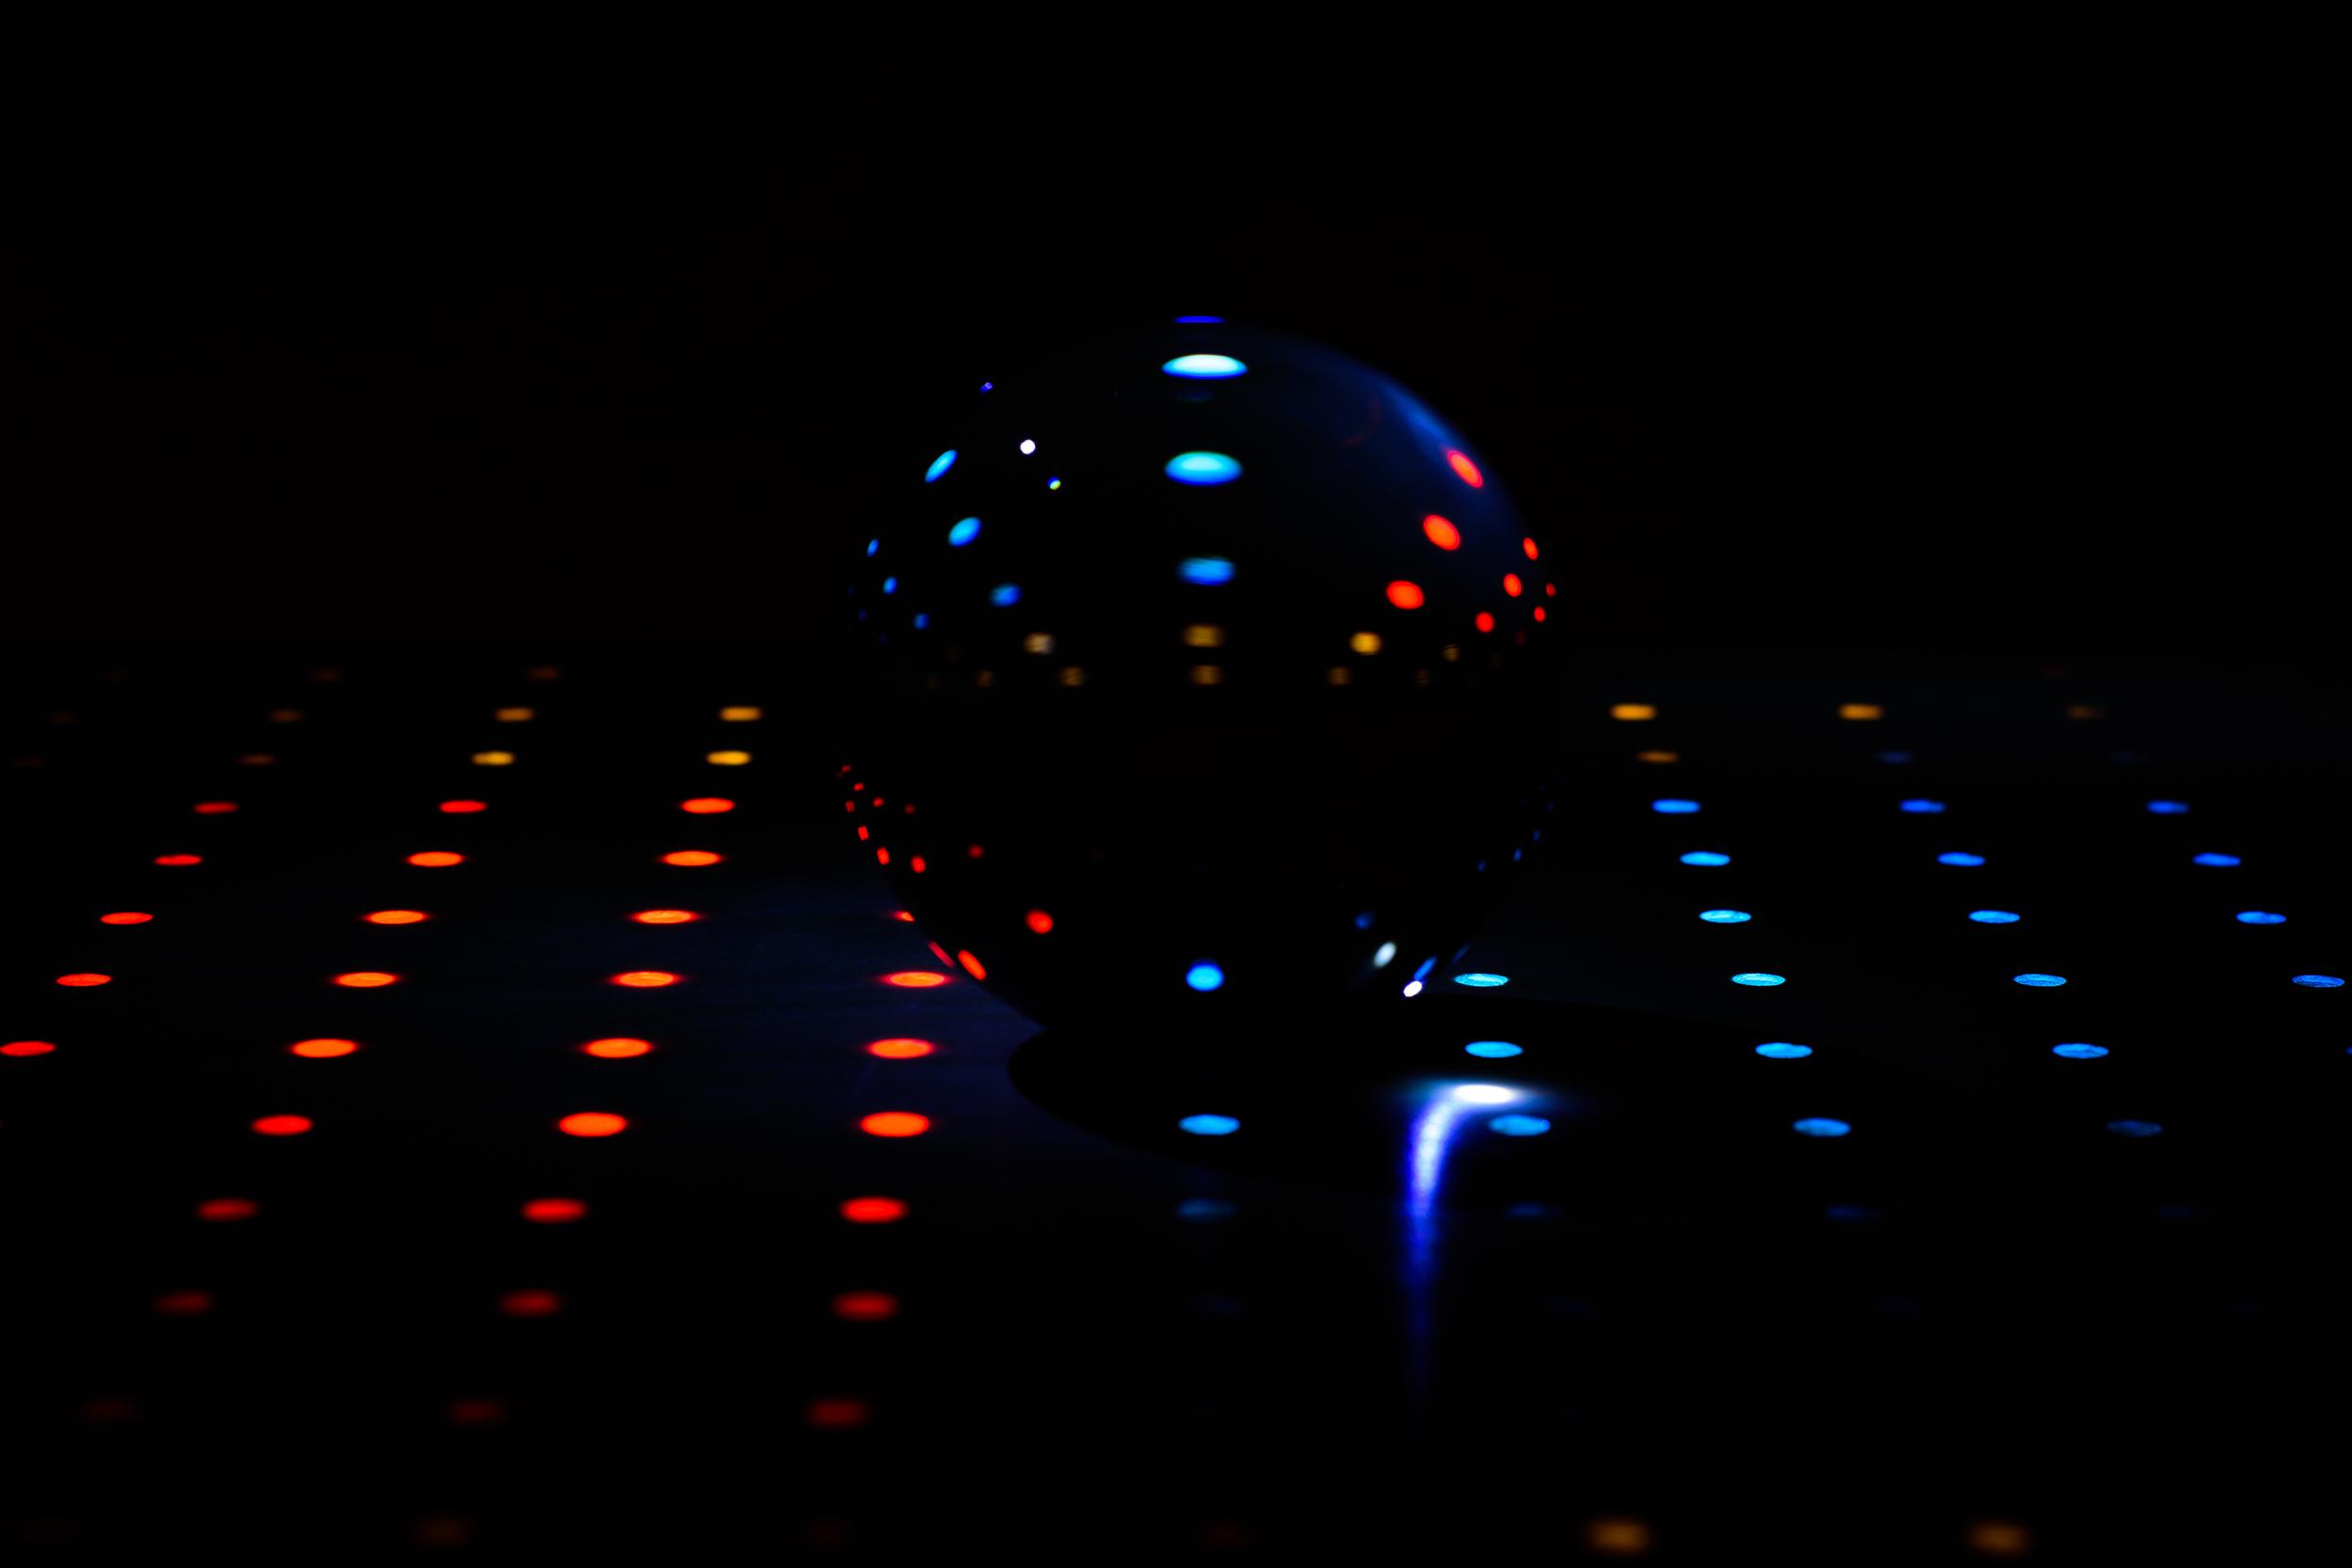 Je kan de discosfeer ook combineren met lightpainting met de kristallen bol als onderwerp binnen eigenzinnige fotografie.